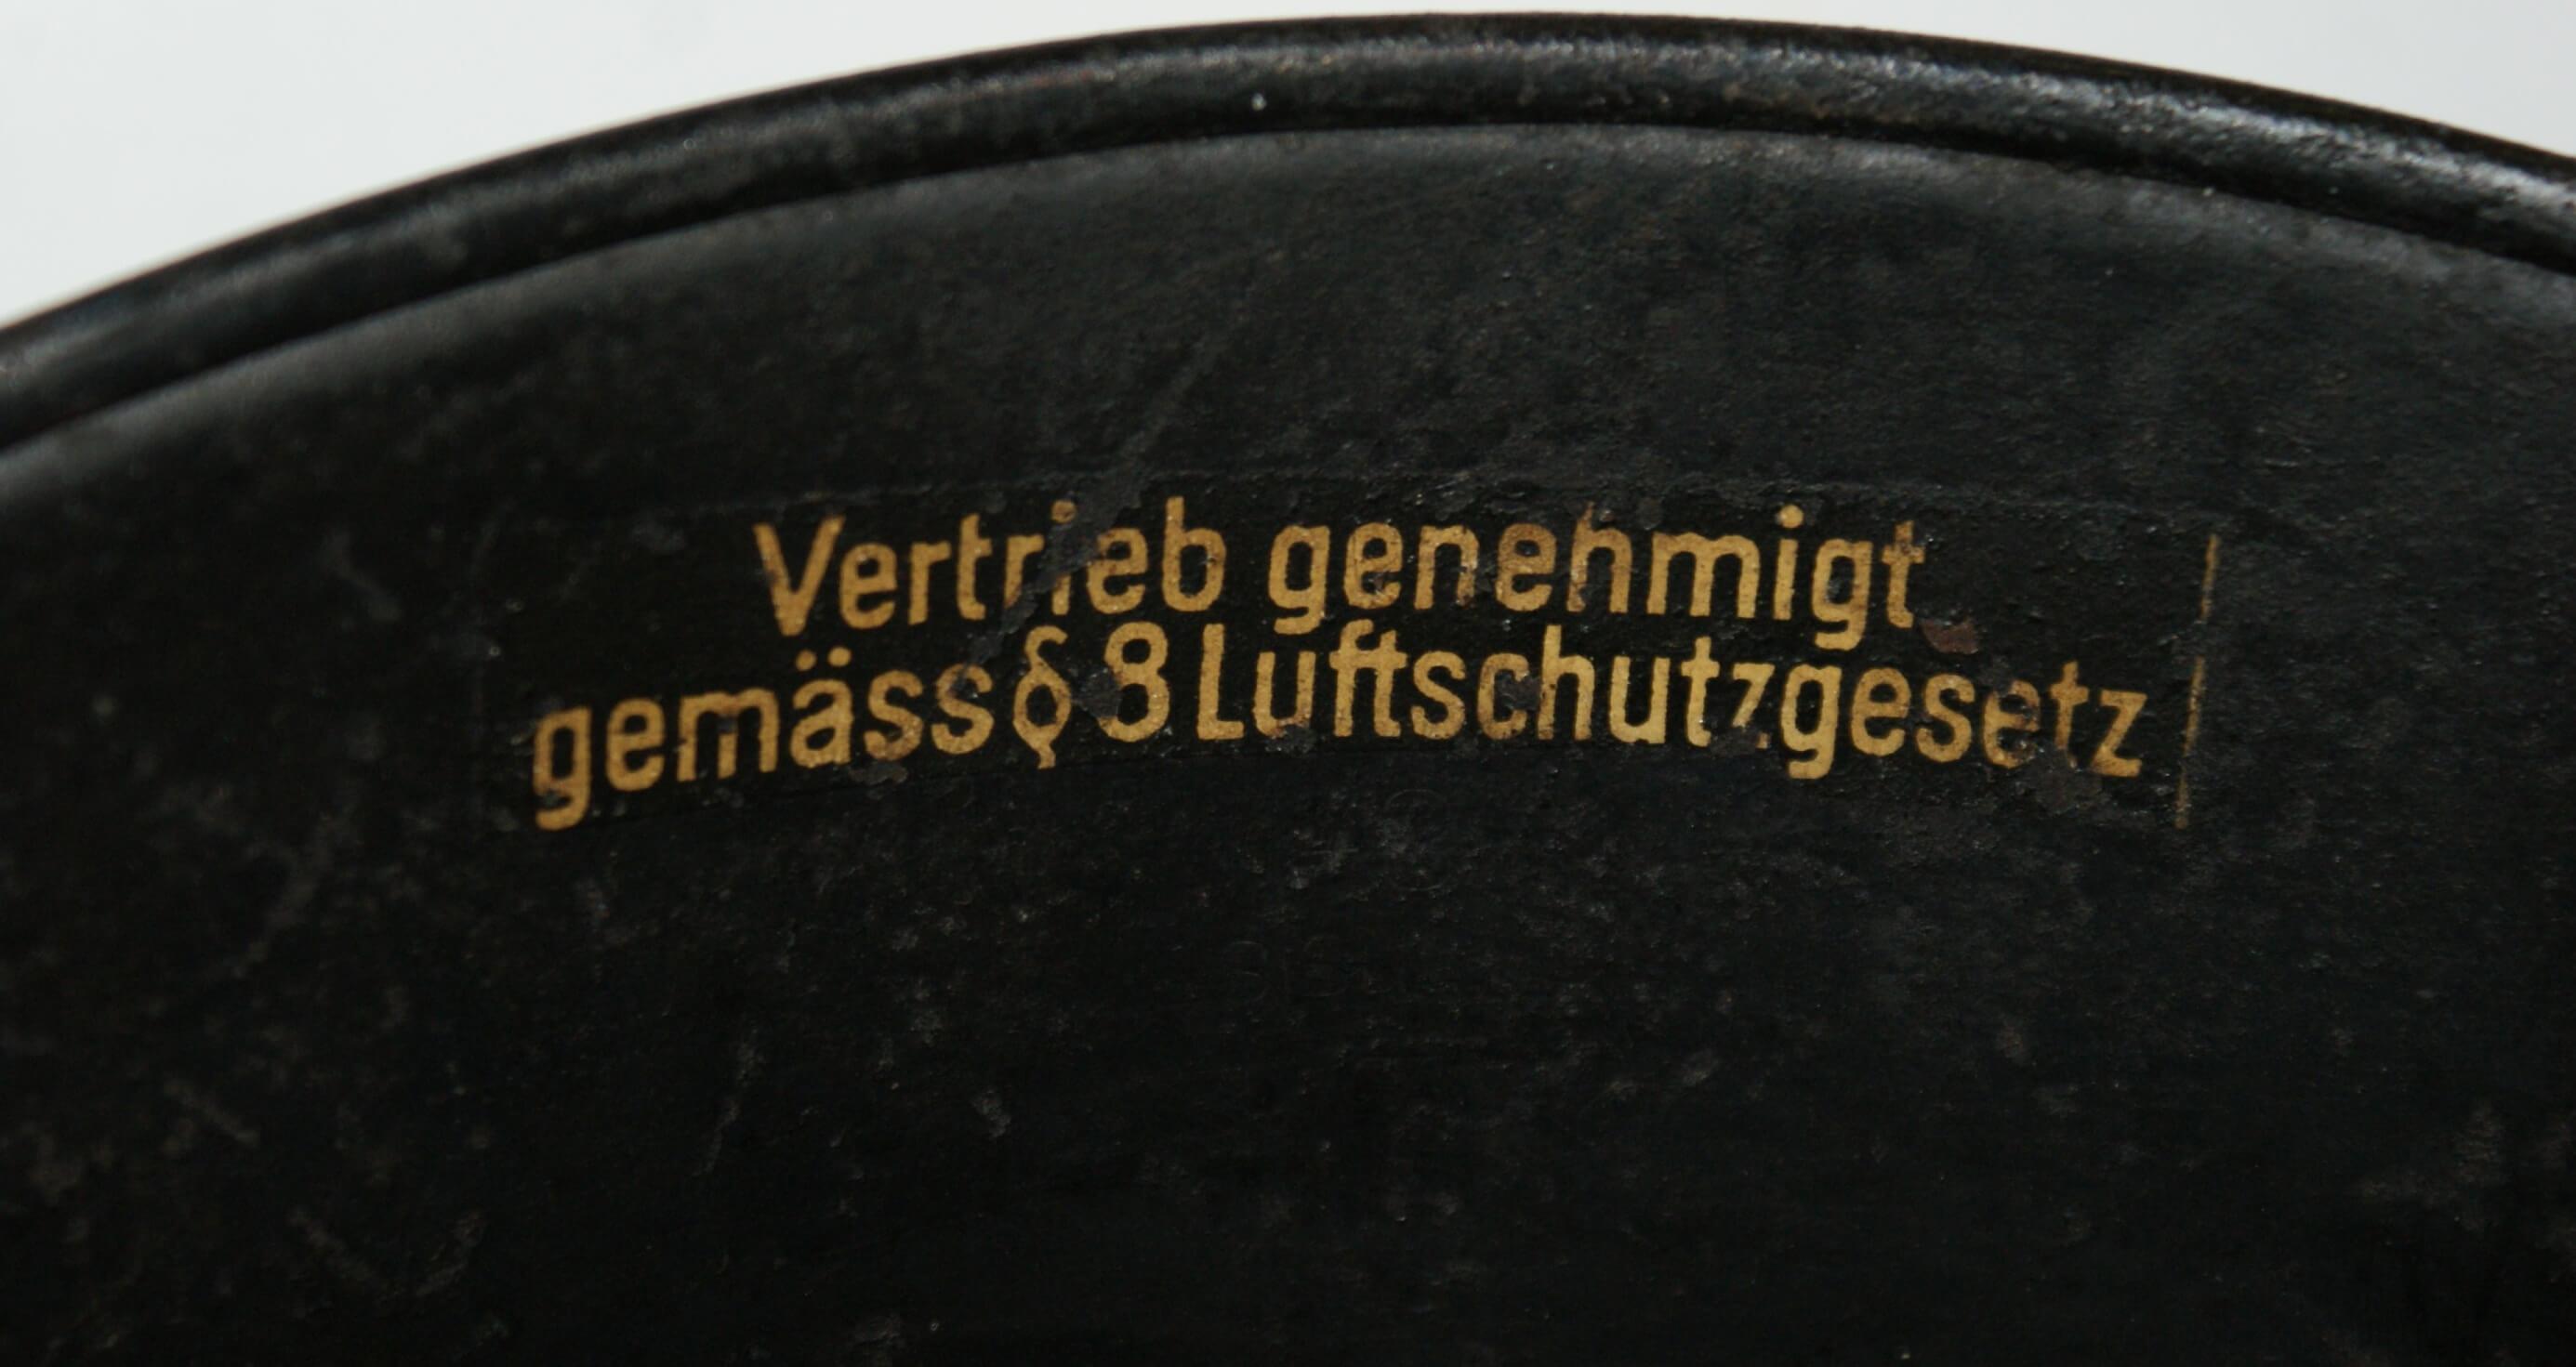 Duitse helm wo2 Luftschutz Gesetz